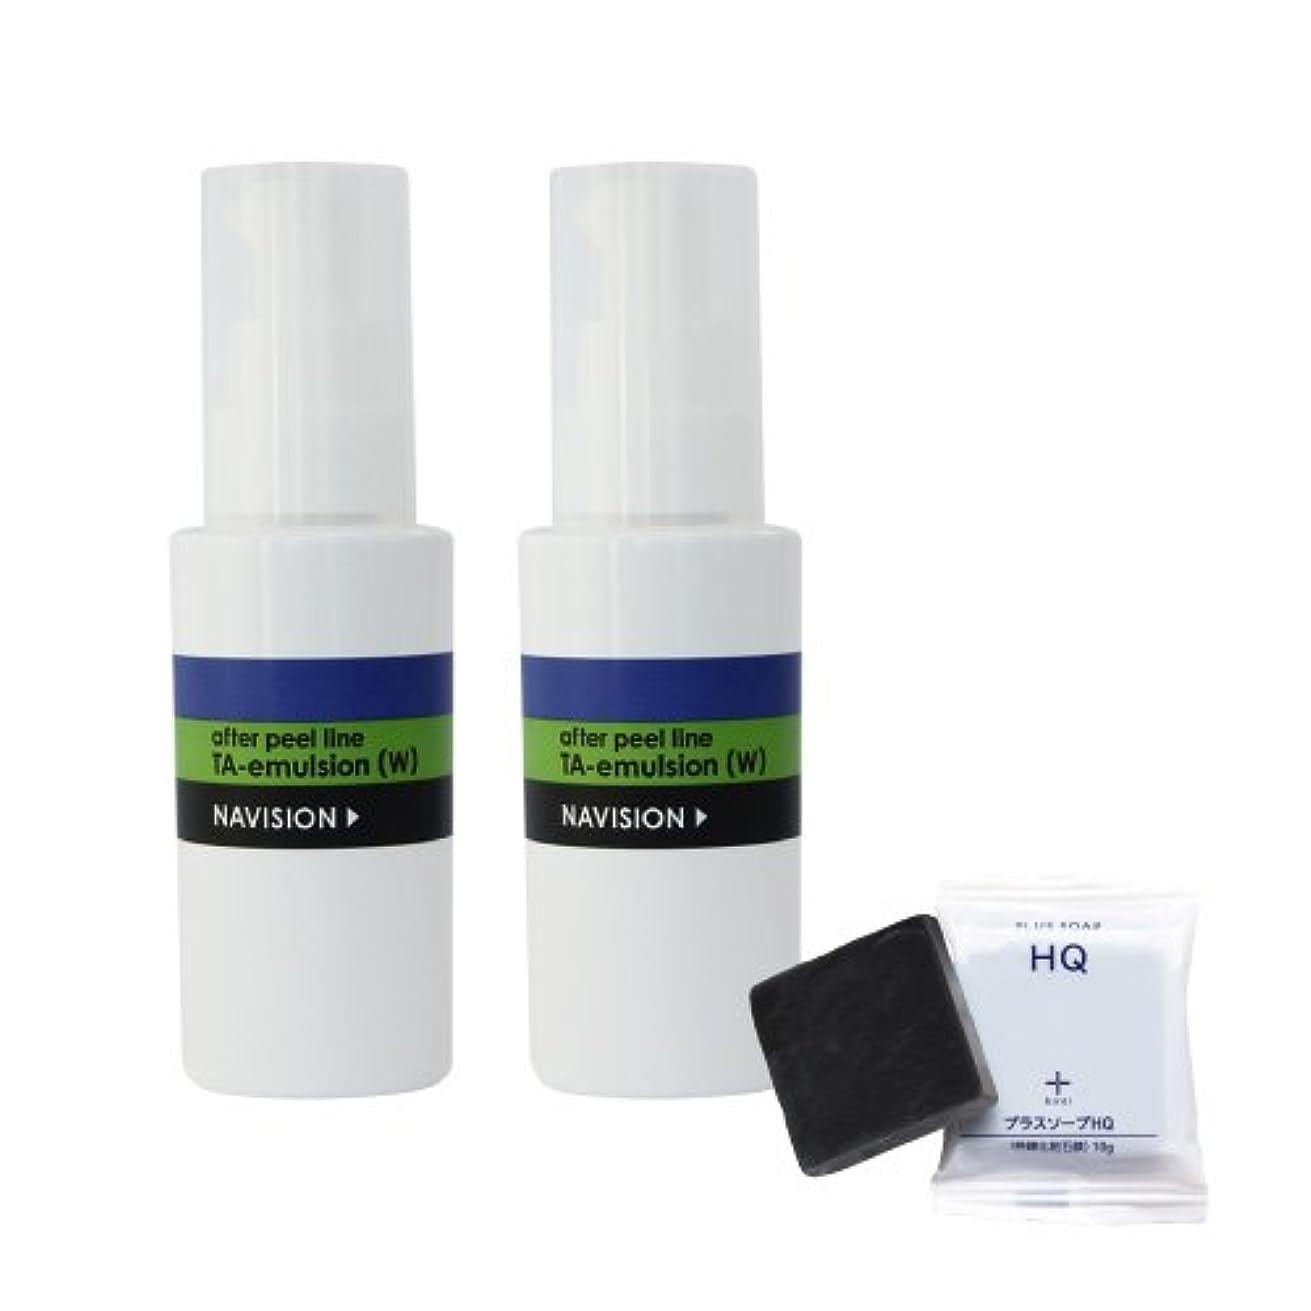 あそこ有彩色のトランペットナビジョン NAVISION TAエマルジョン(W)(医薬部外品) 2本 + プラスソープHQミニ